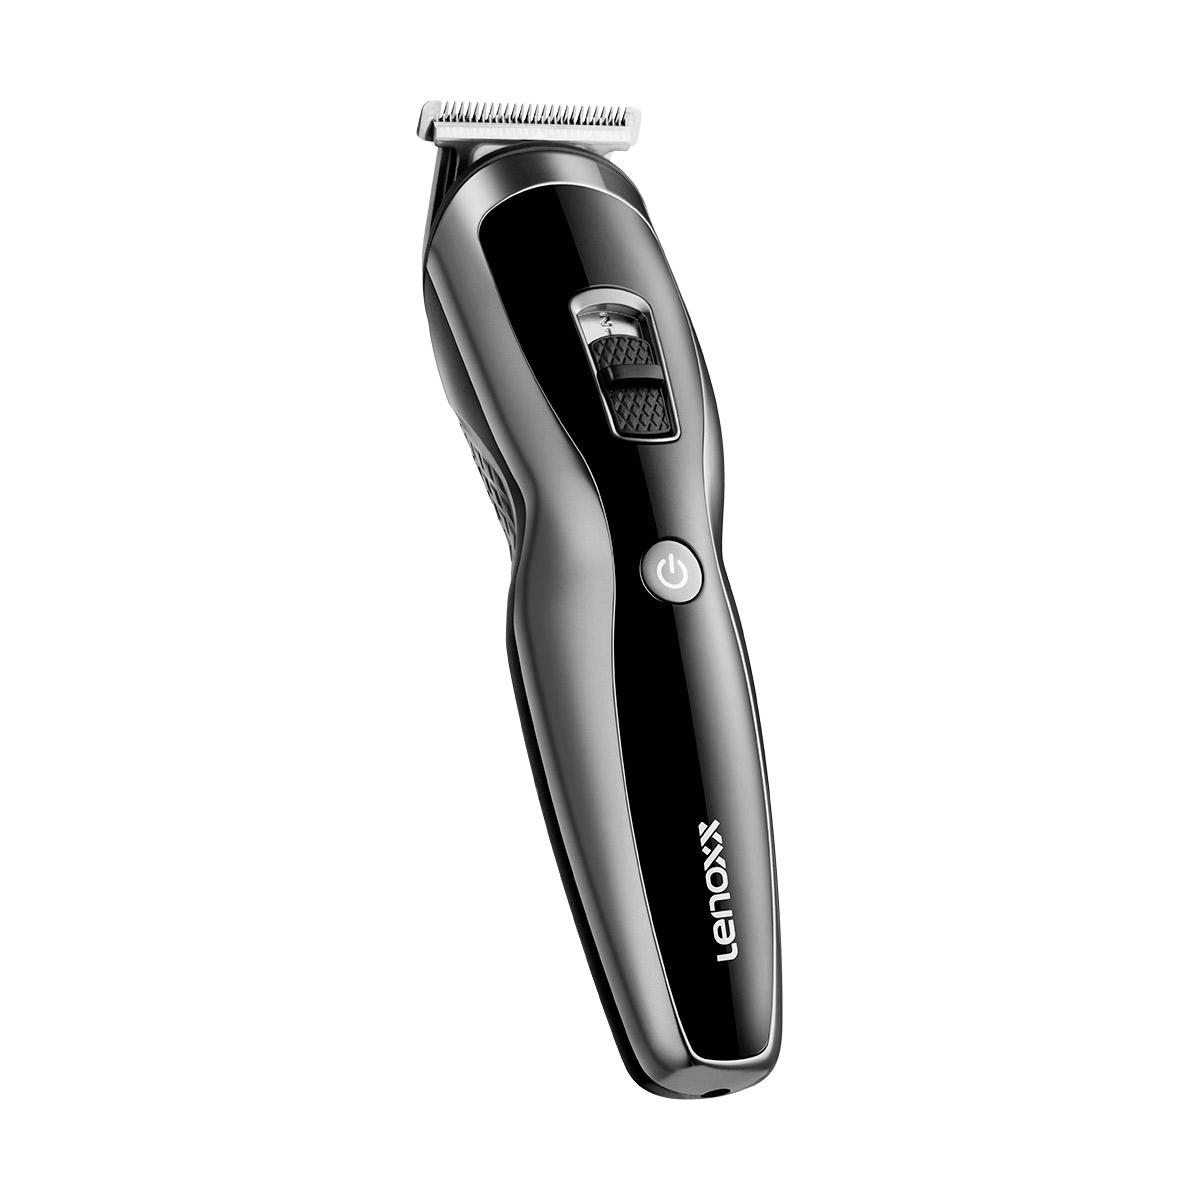 Aparador De Pelo 3 Em 1 New Groom Lenoxx Pap743 Bivolt